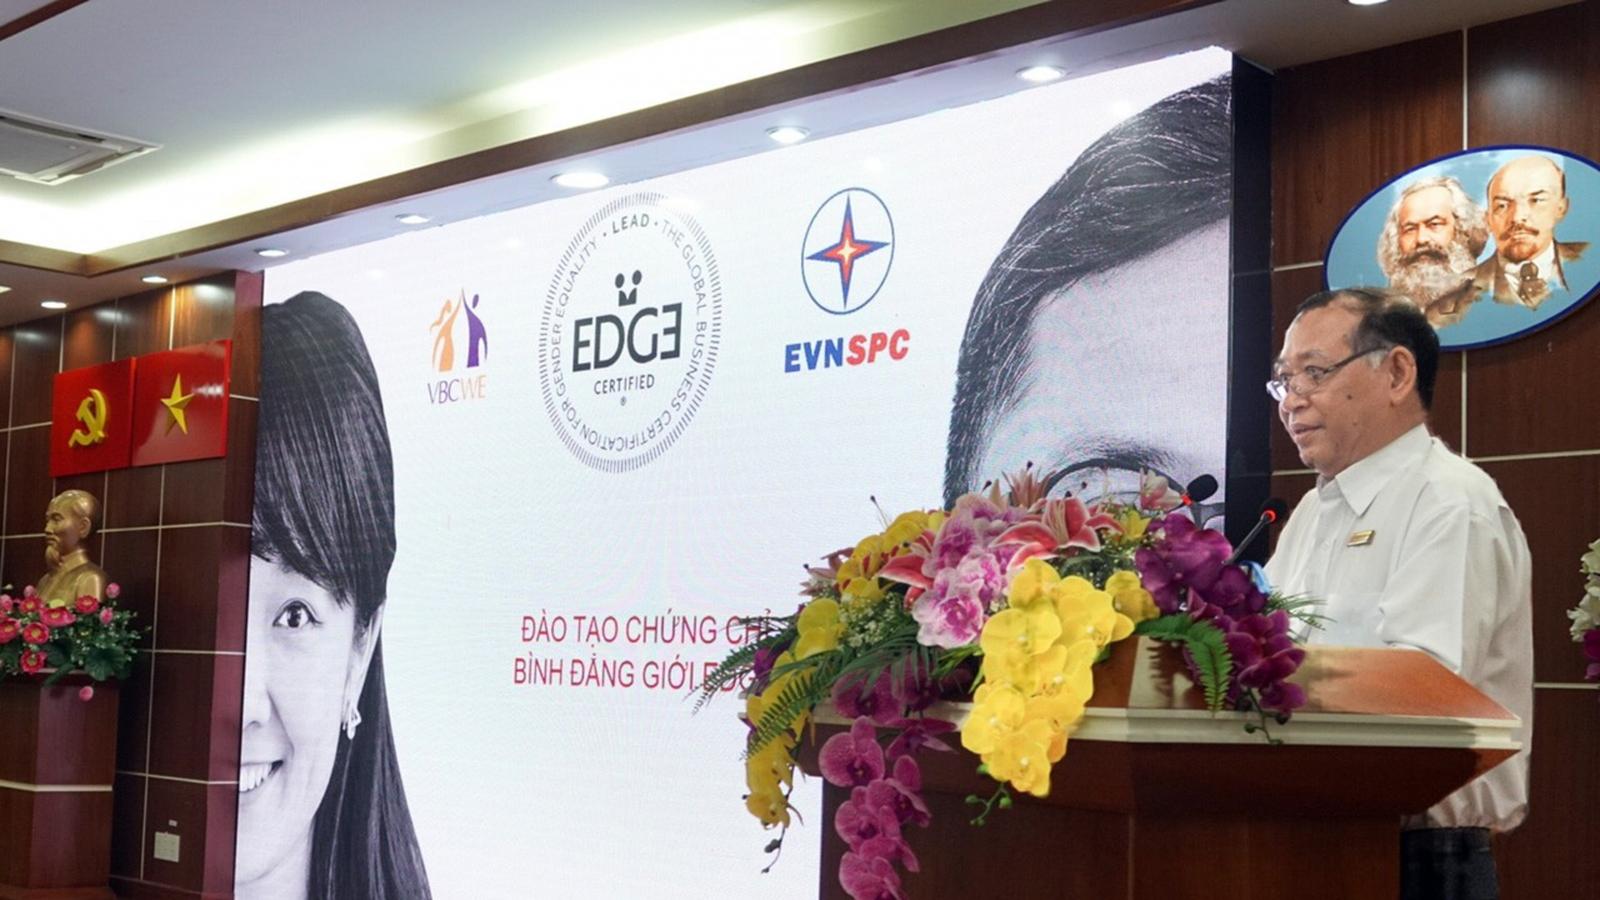 Điện lực miền Nam nhận chứng chỉ Bình đẳng giới toàn cầu (EDGE)